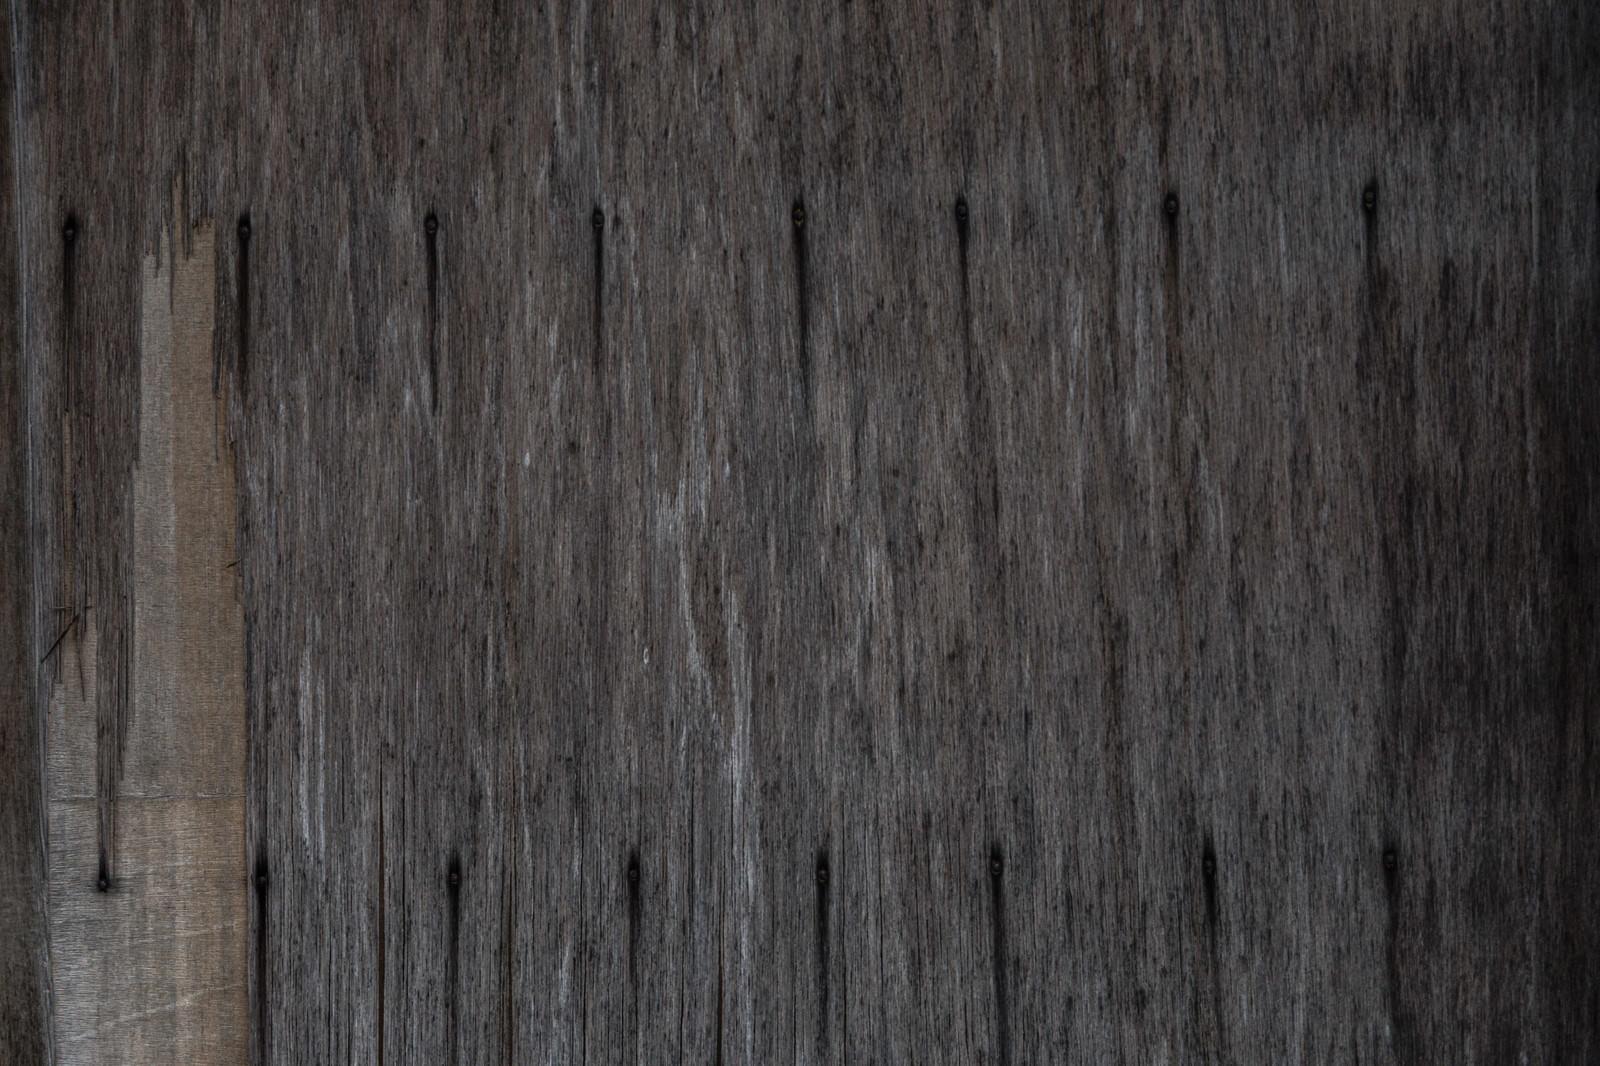 「劣化した板」の写真